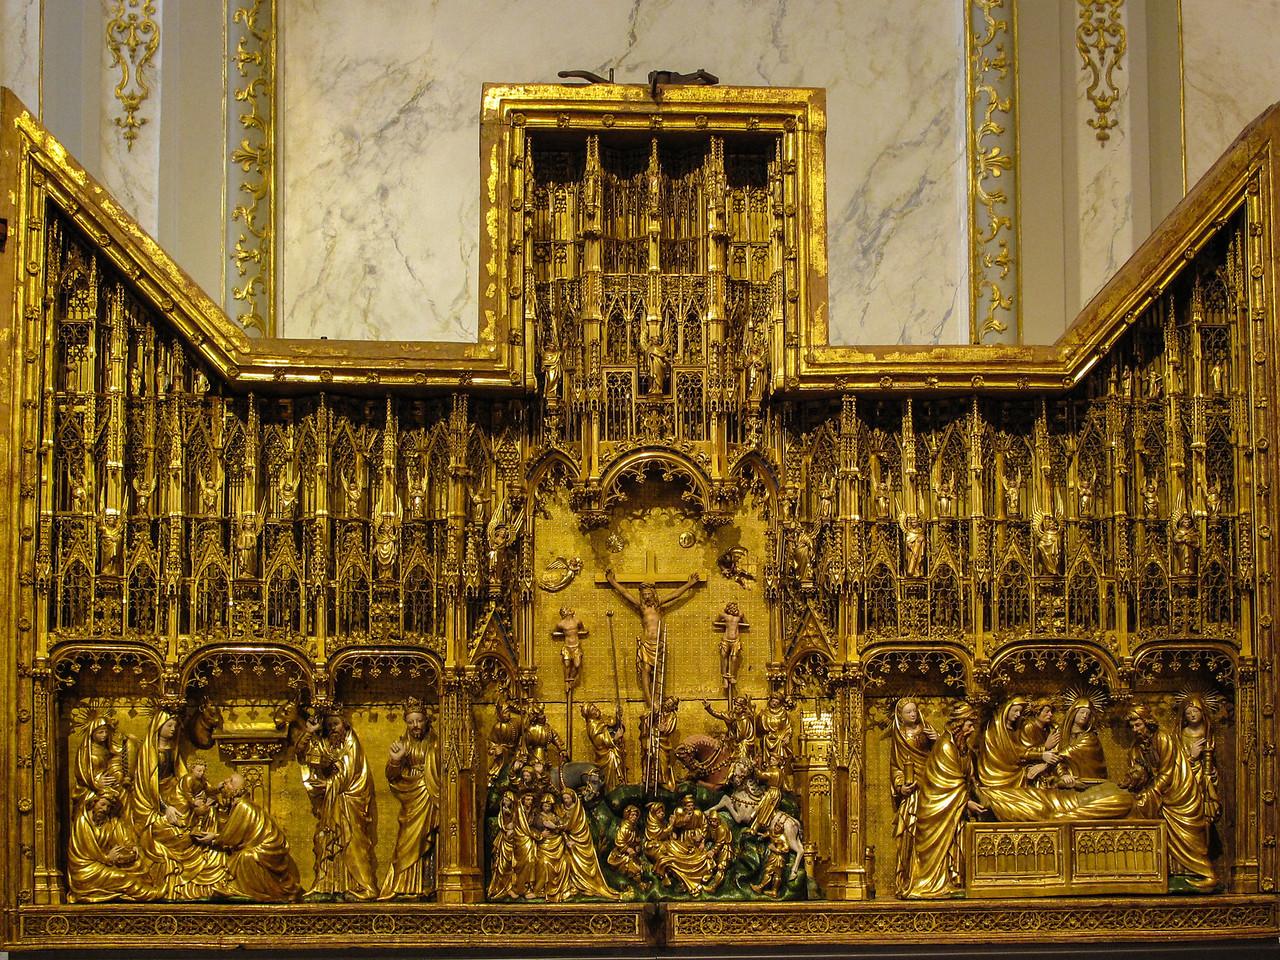 Dijon Beaux Arts Museum - Crucifixion Altarpiece - Central Panel